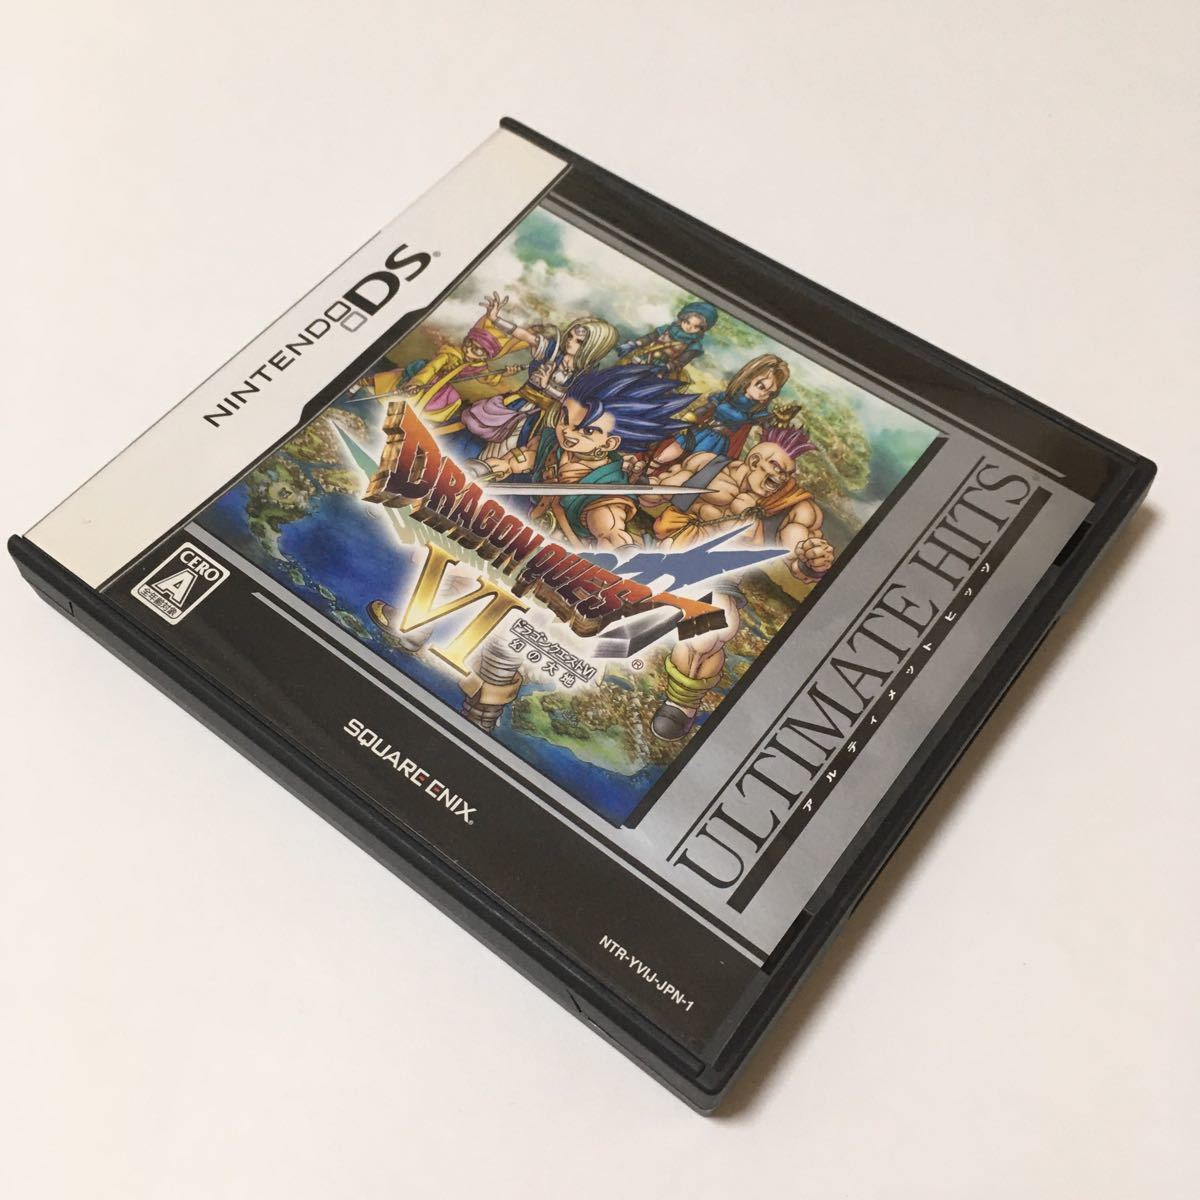 ニンテンドーDS ソフト ドラゴンクエスト6 幻の大地 動作確認済み ドラクエ6 カセット スーファミ レトロ ゲーム 任天堂